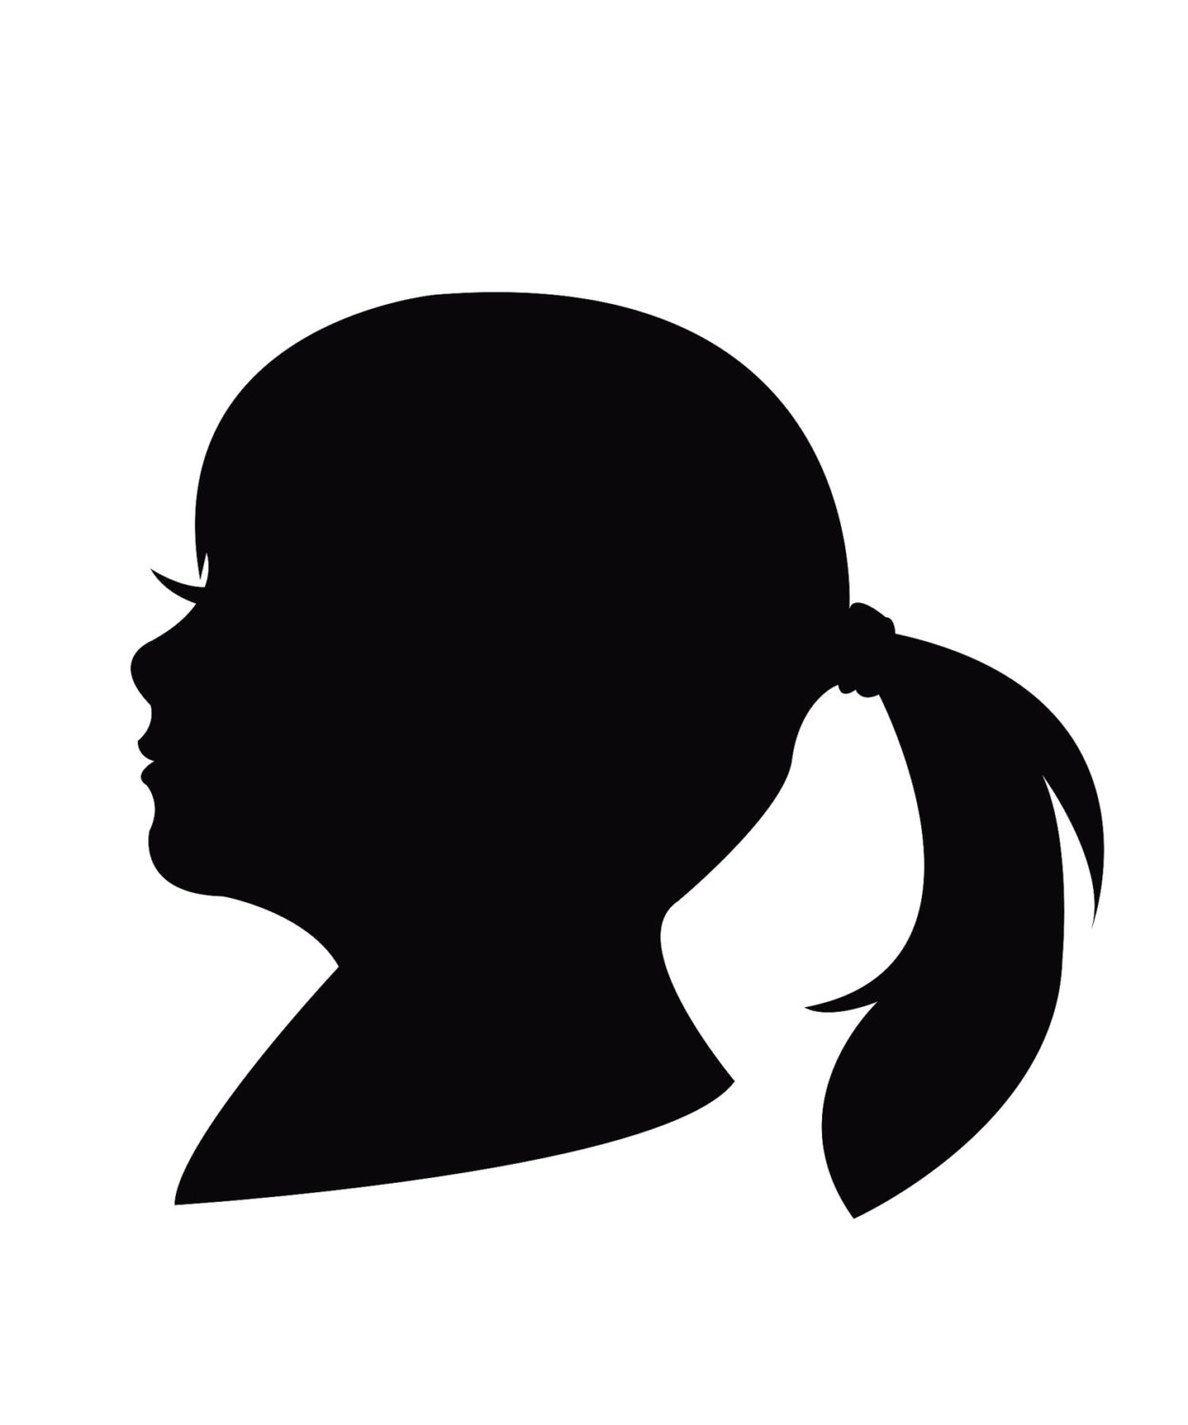 1188x1425 Female Head Silhouette Clipart